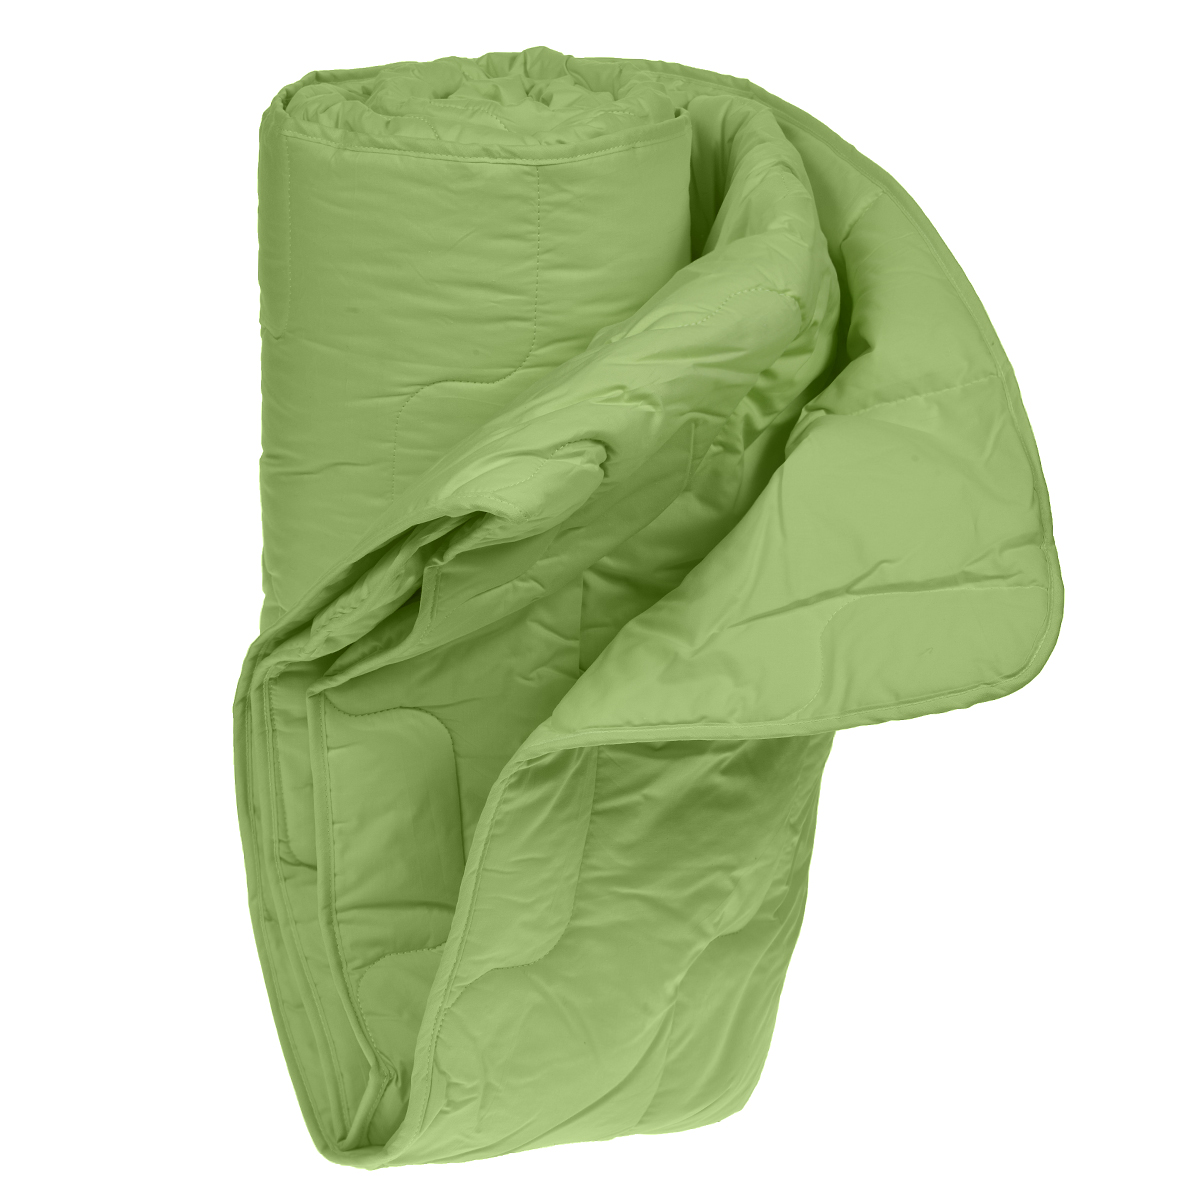 """Фото Одеяло облегченное OL-Tex """"Бамбук"""", наполнитель: бамбуковое волокно, цвет: фисташковый, 220 х 200 см. Покупайте с доставкой по России"""